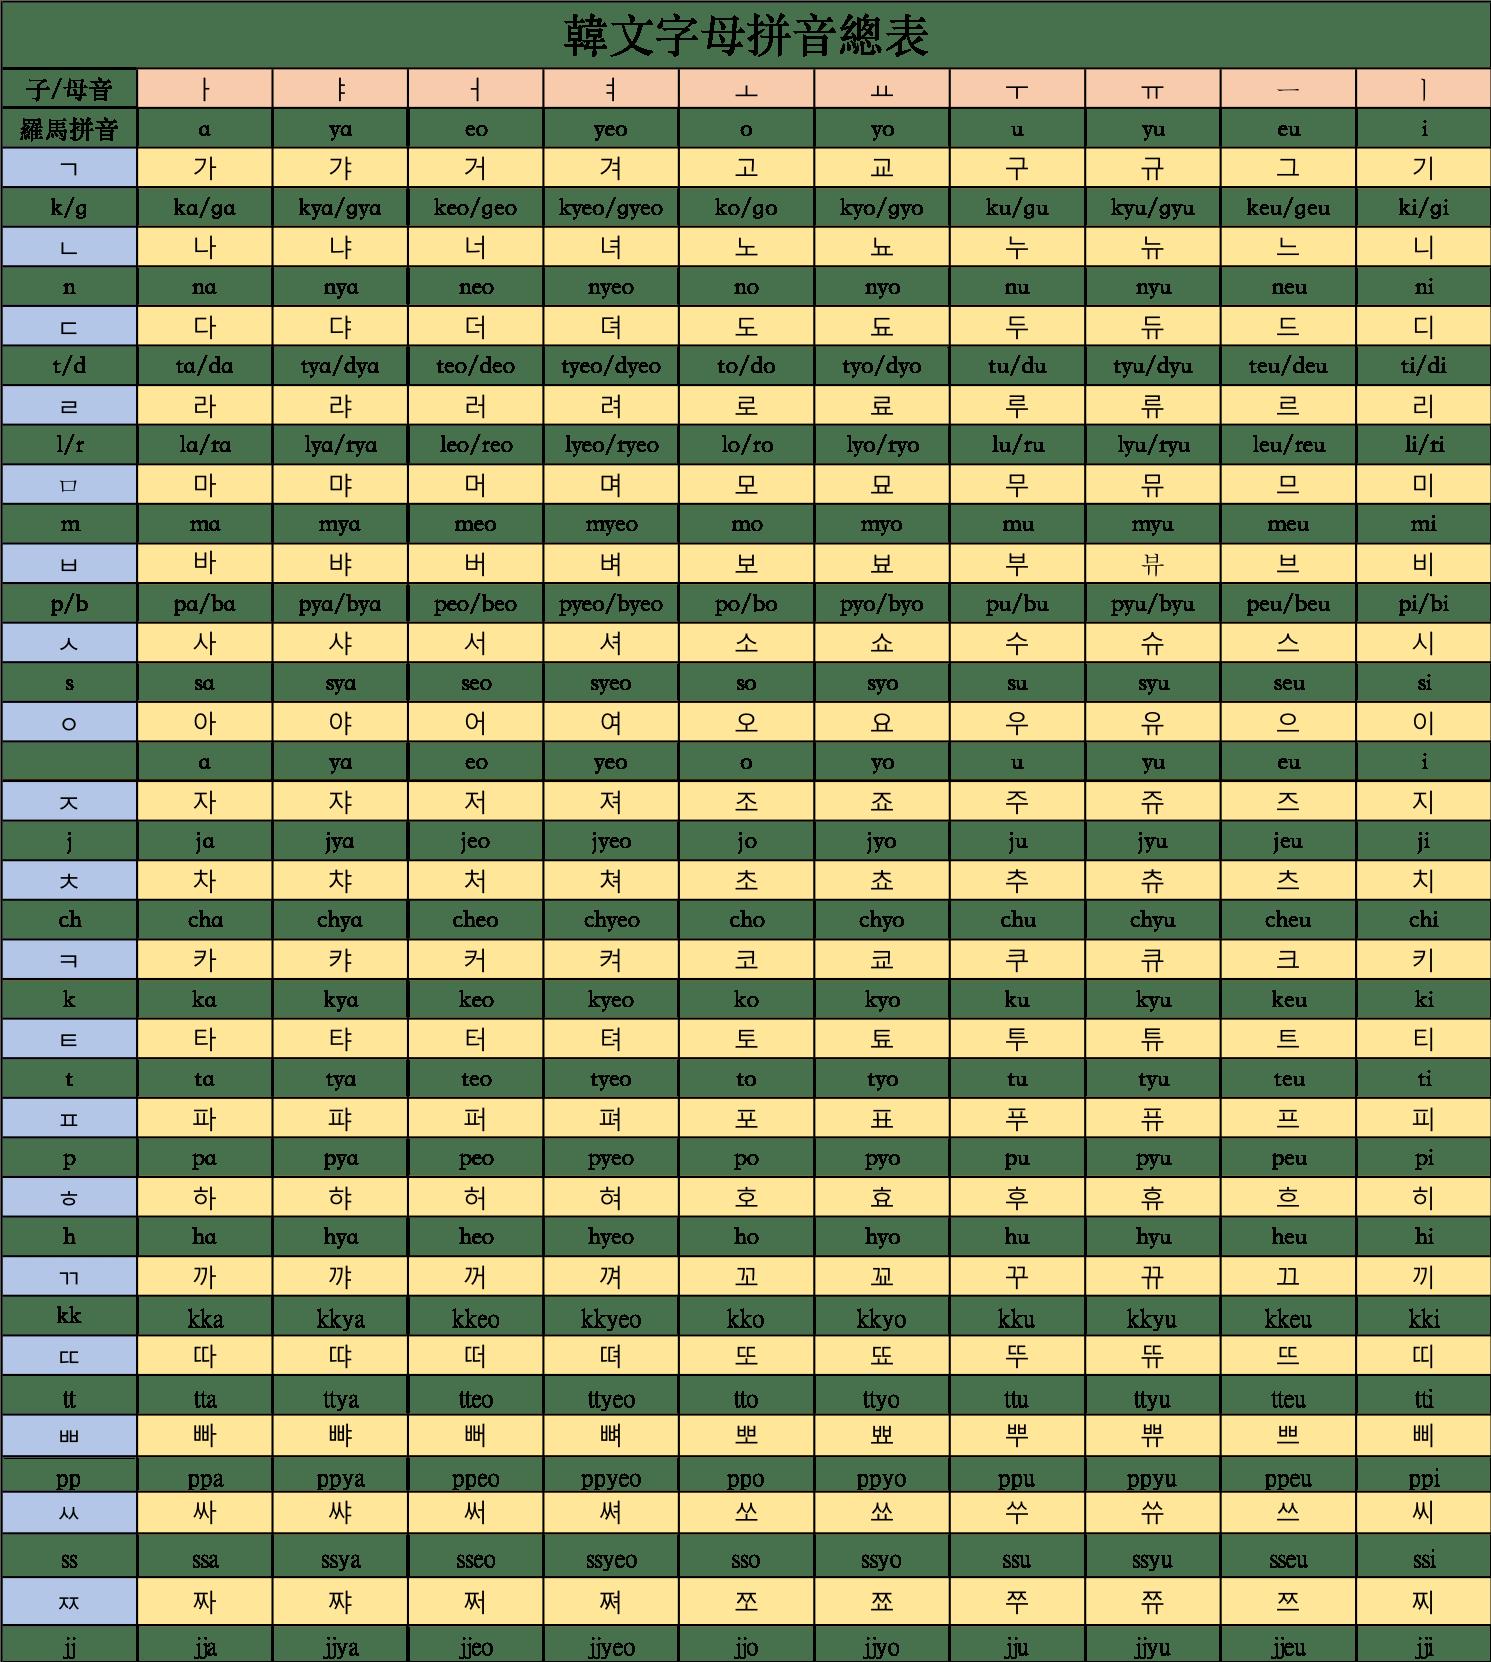 【韓文字母對照表】還在煩惱韓文字母拼音?這 2 張超強表格簡單上手